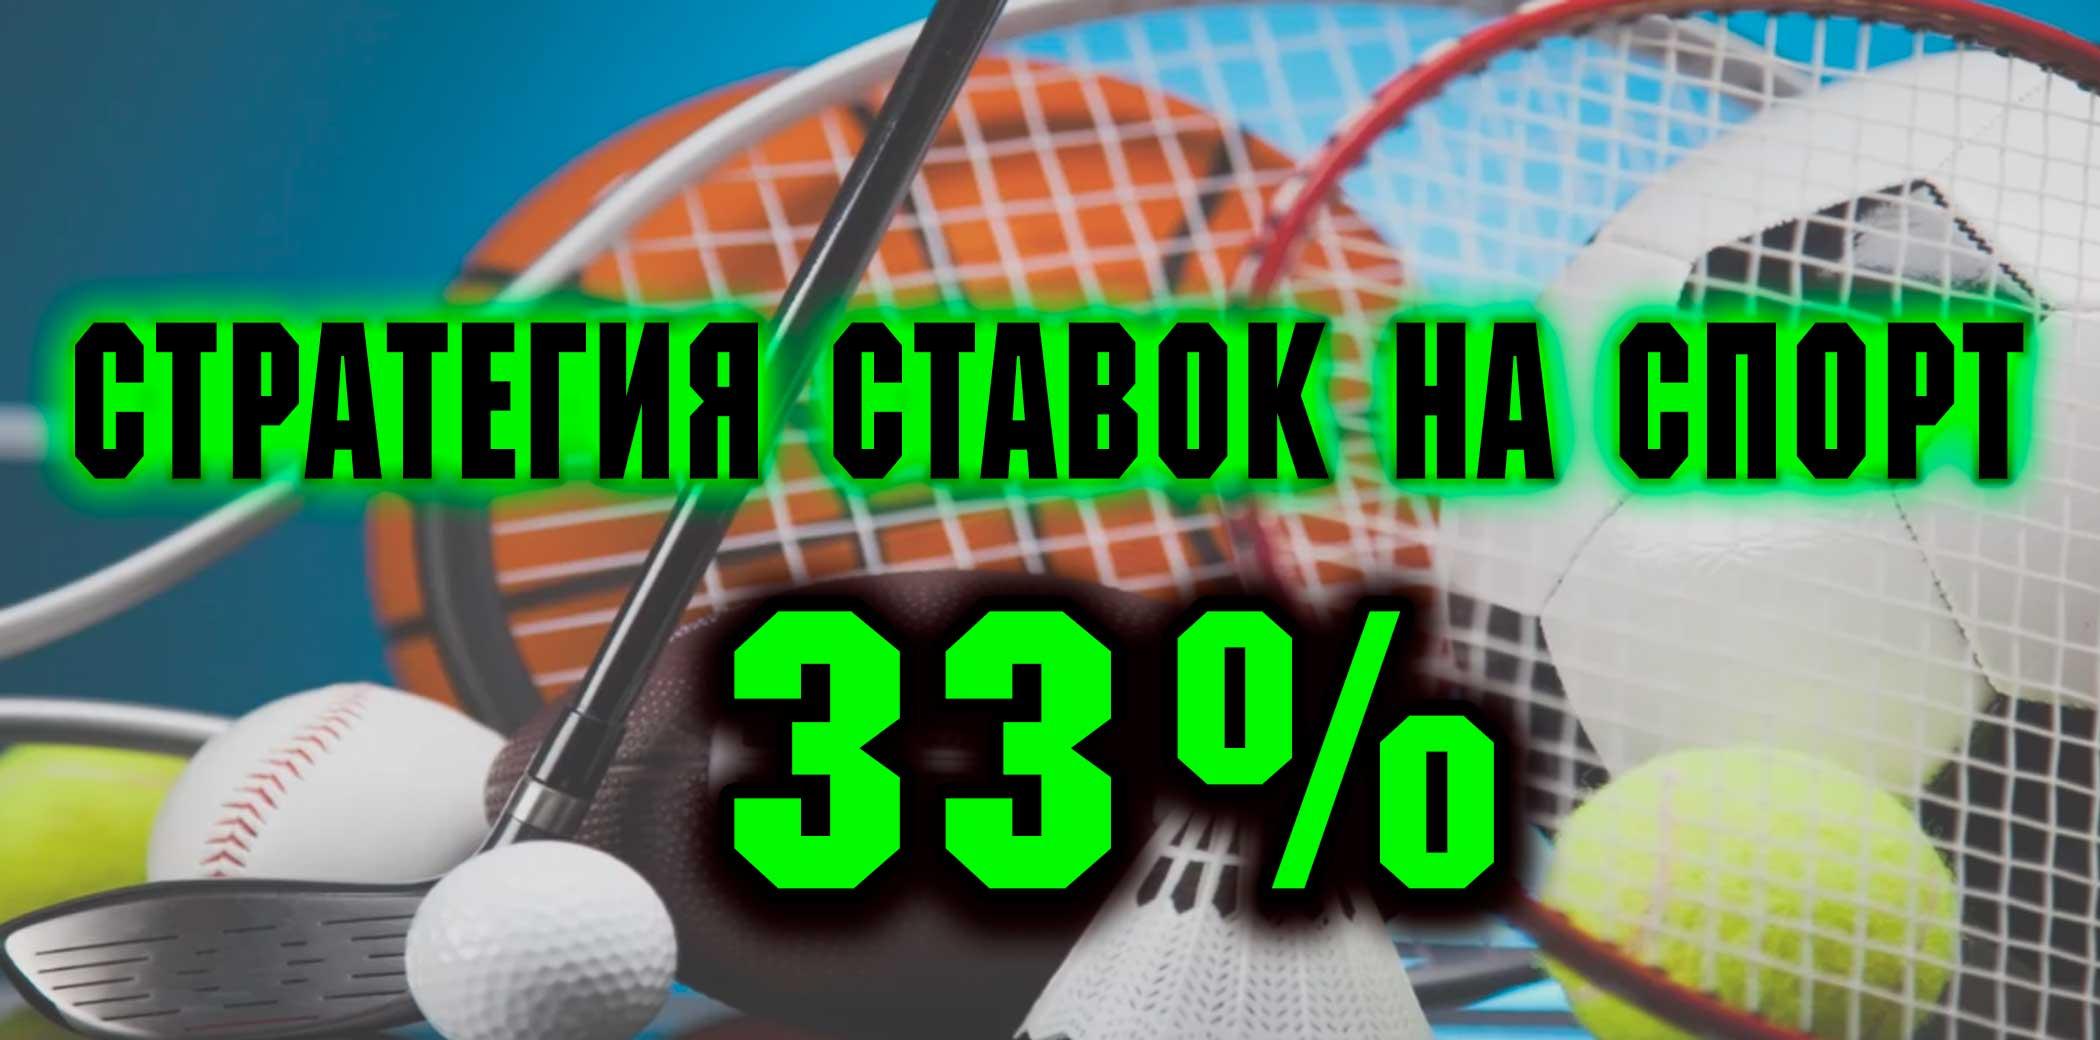 спортивная стратегия 33 процента